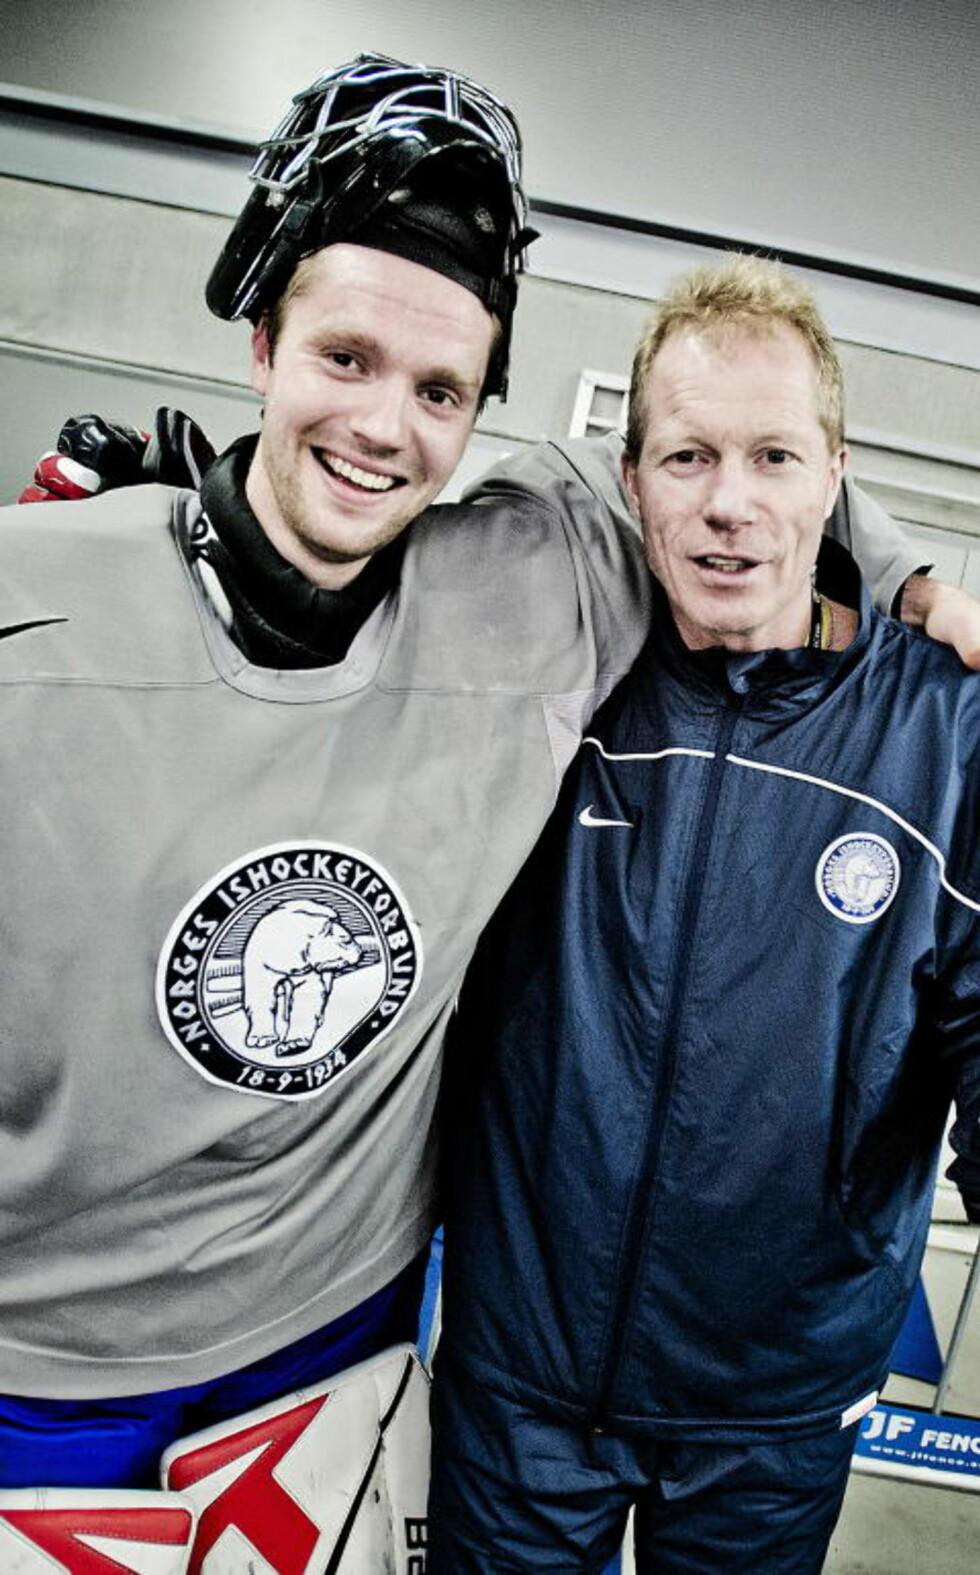 FORTJENER BEDRE: Landslagssjef Roy Johansen mener altfor mange unge norske keepere lider samme skjebne som Lars Haugen. Foto: Thomas Rasmus Skaug / Dagbladet